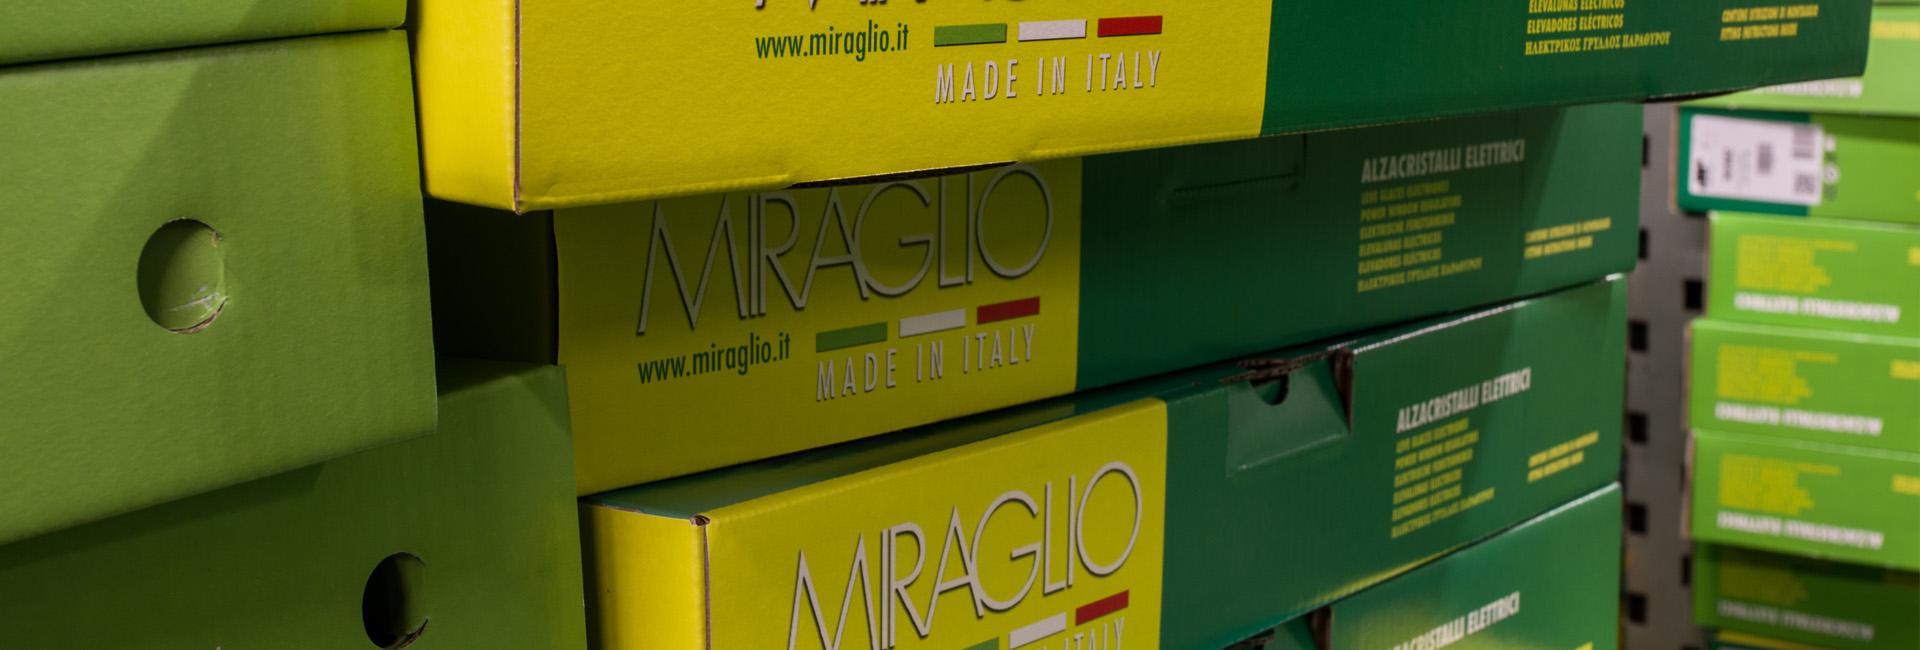 Distributore ufficiale Miraglio